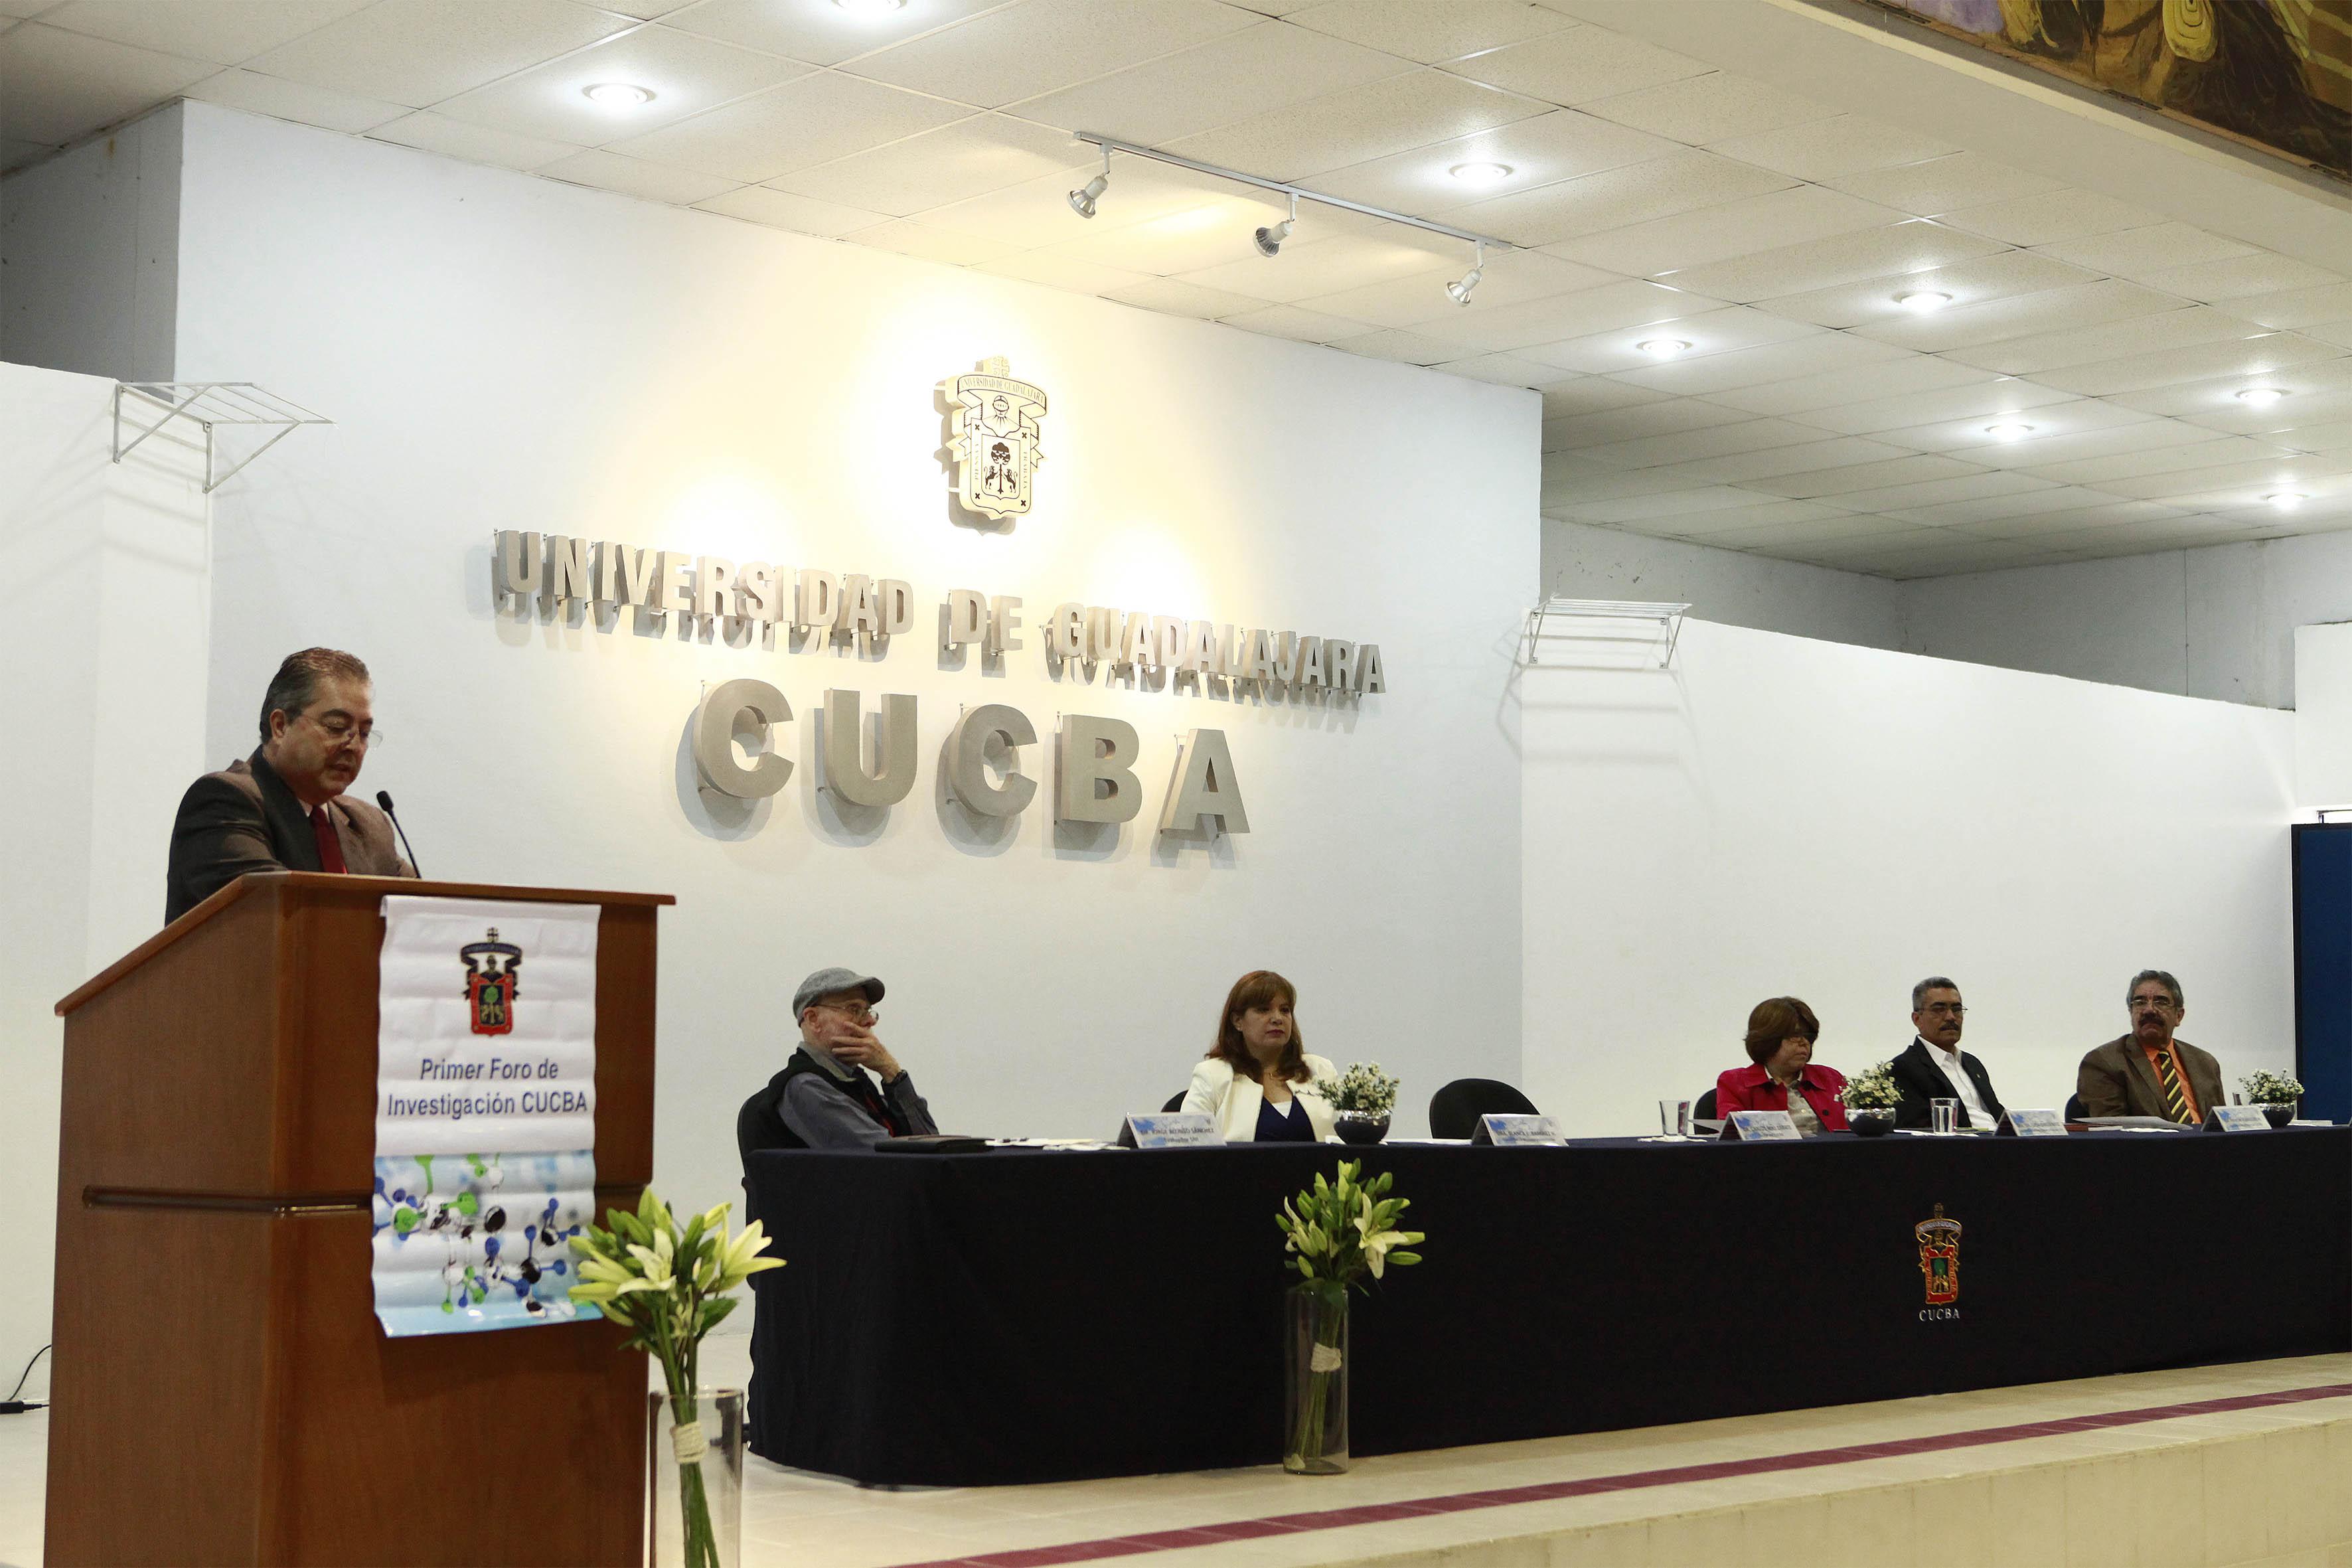 Rector del centro, doctor Carlos Beas Zárate haciendo uso de la palabra